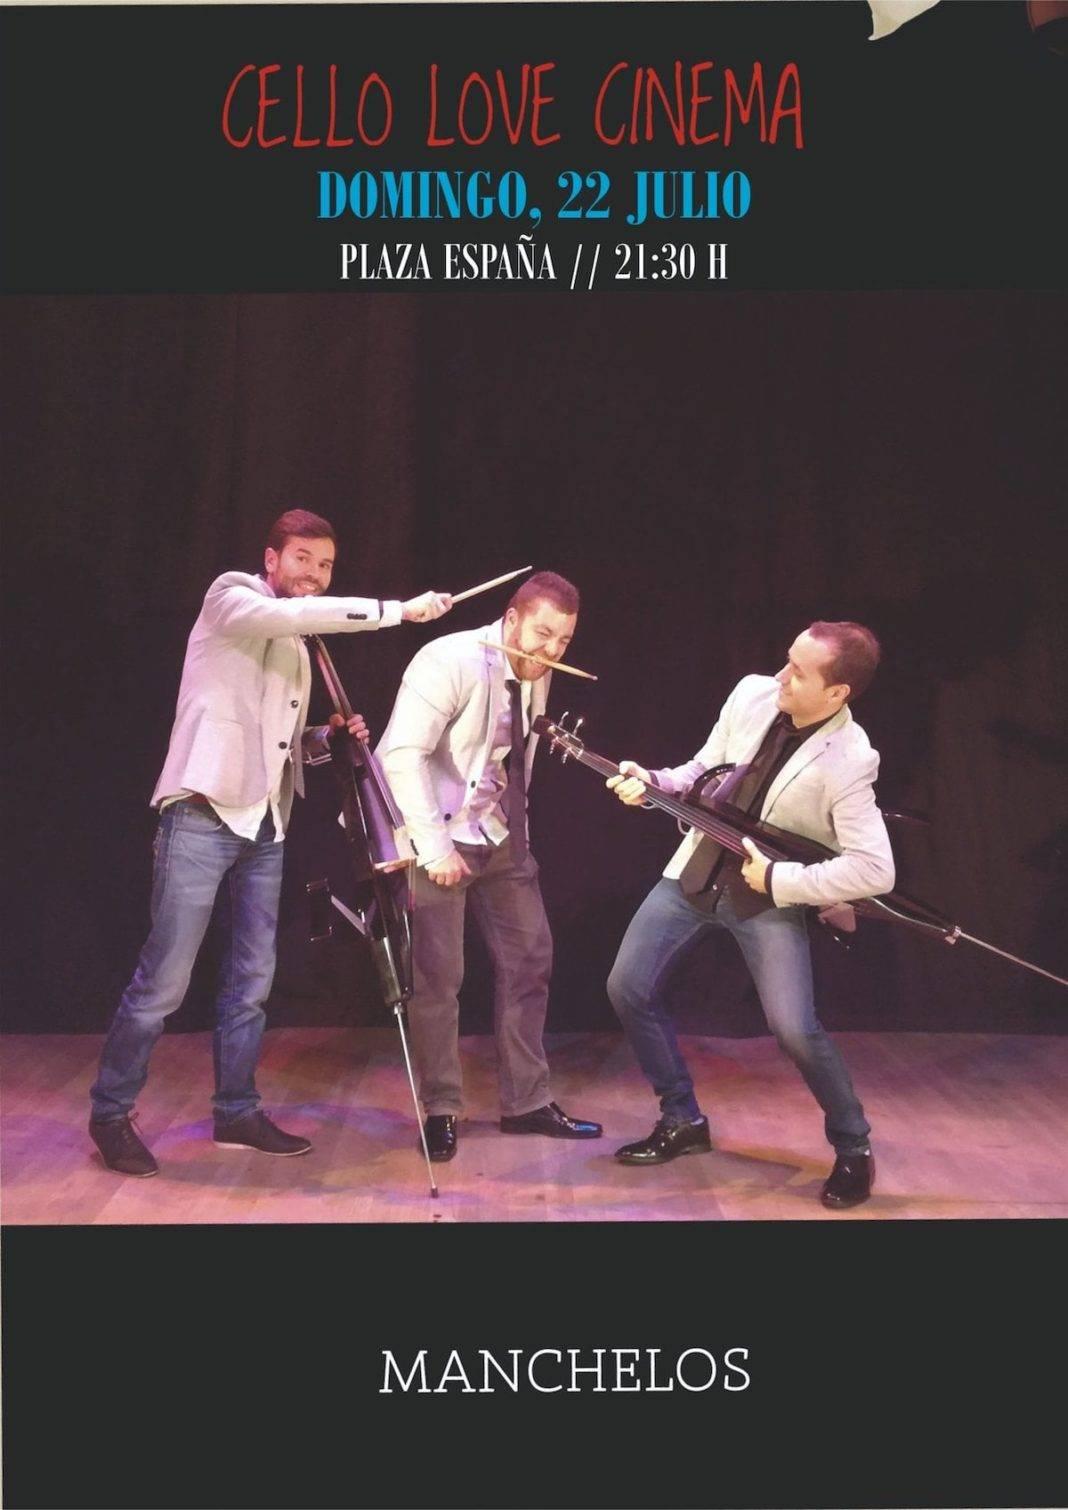 """manchelos cello love cinema 1068x1510 - Manchelos actuará en Herencia su obra """"Cello Love Cinema"""""""